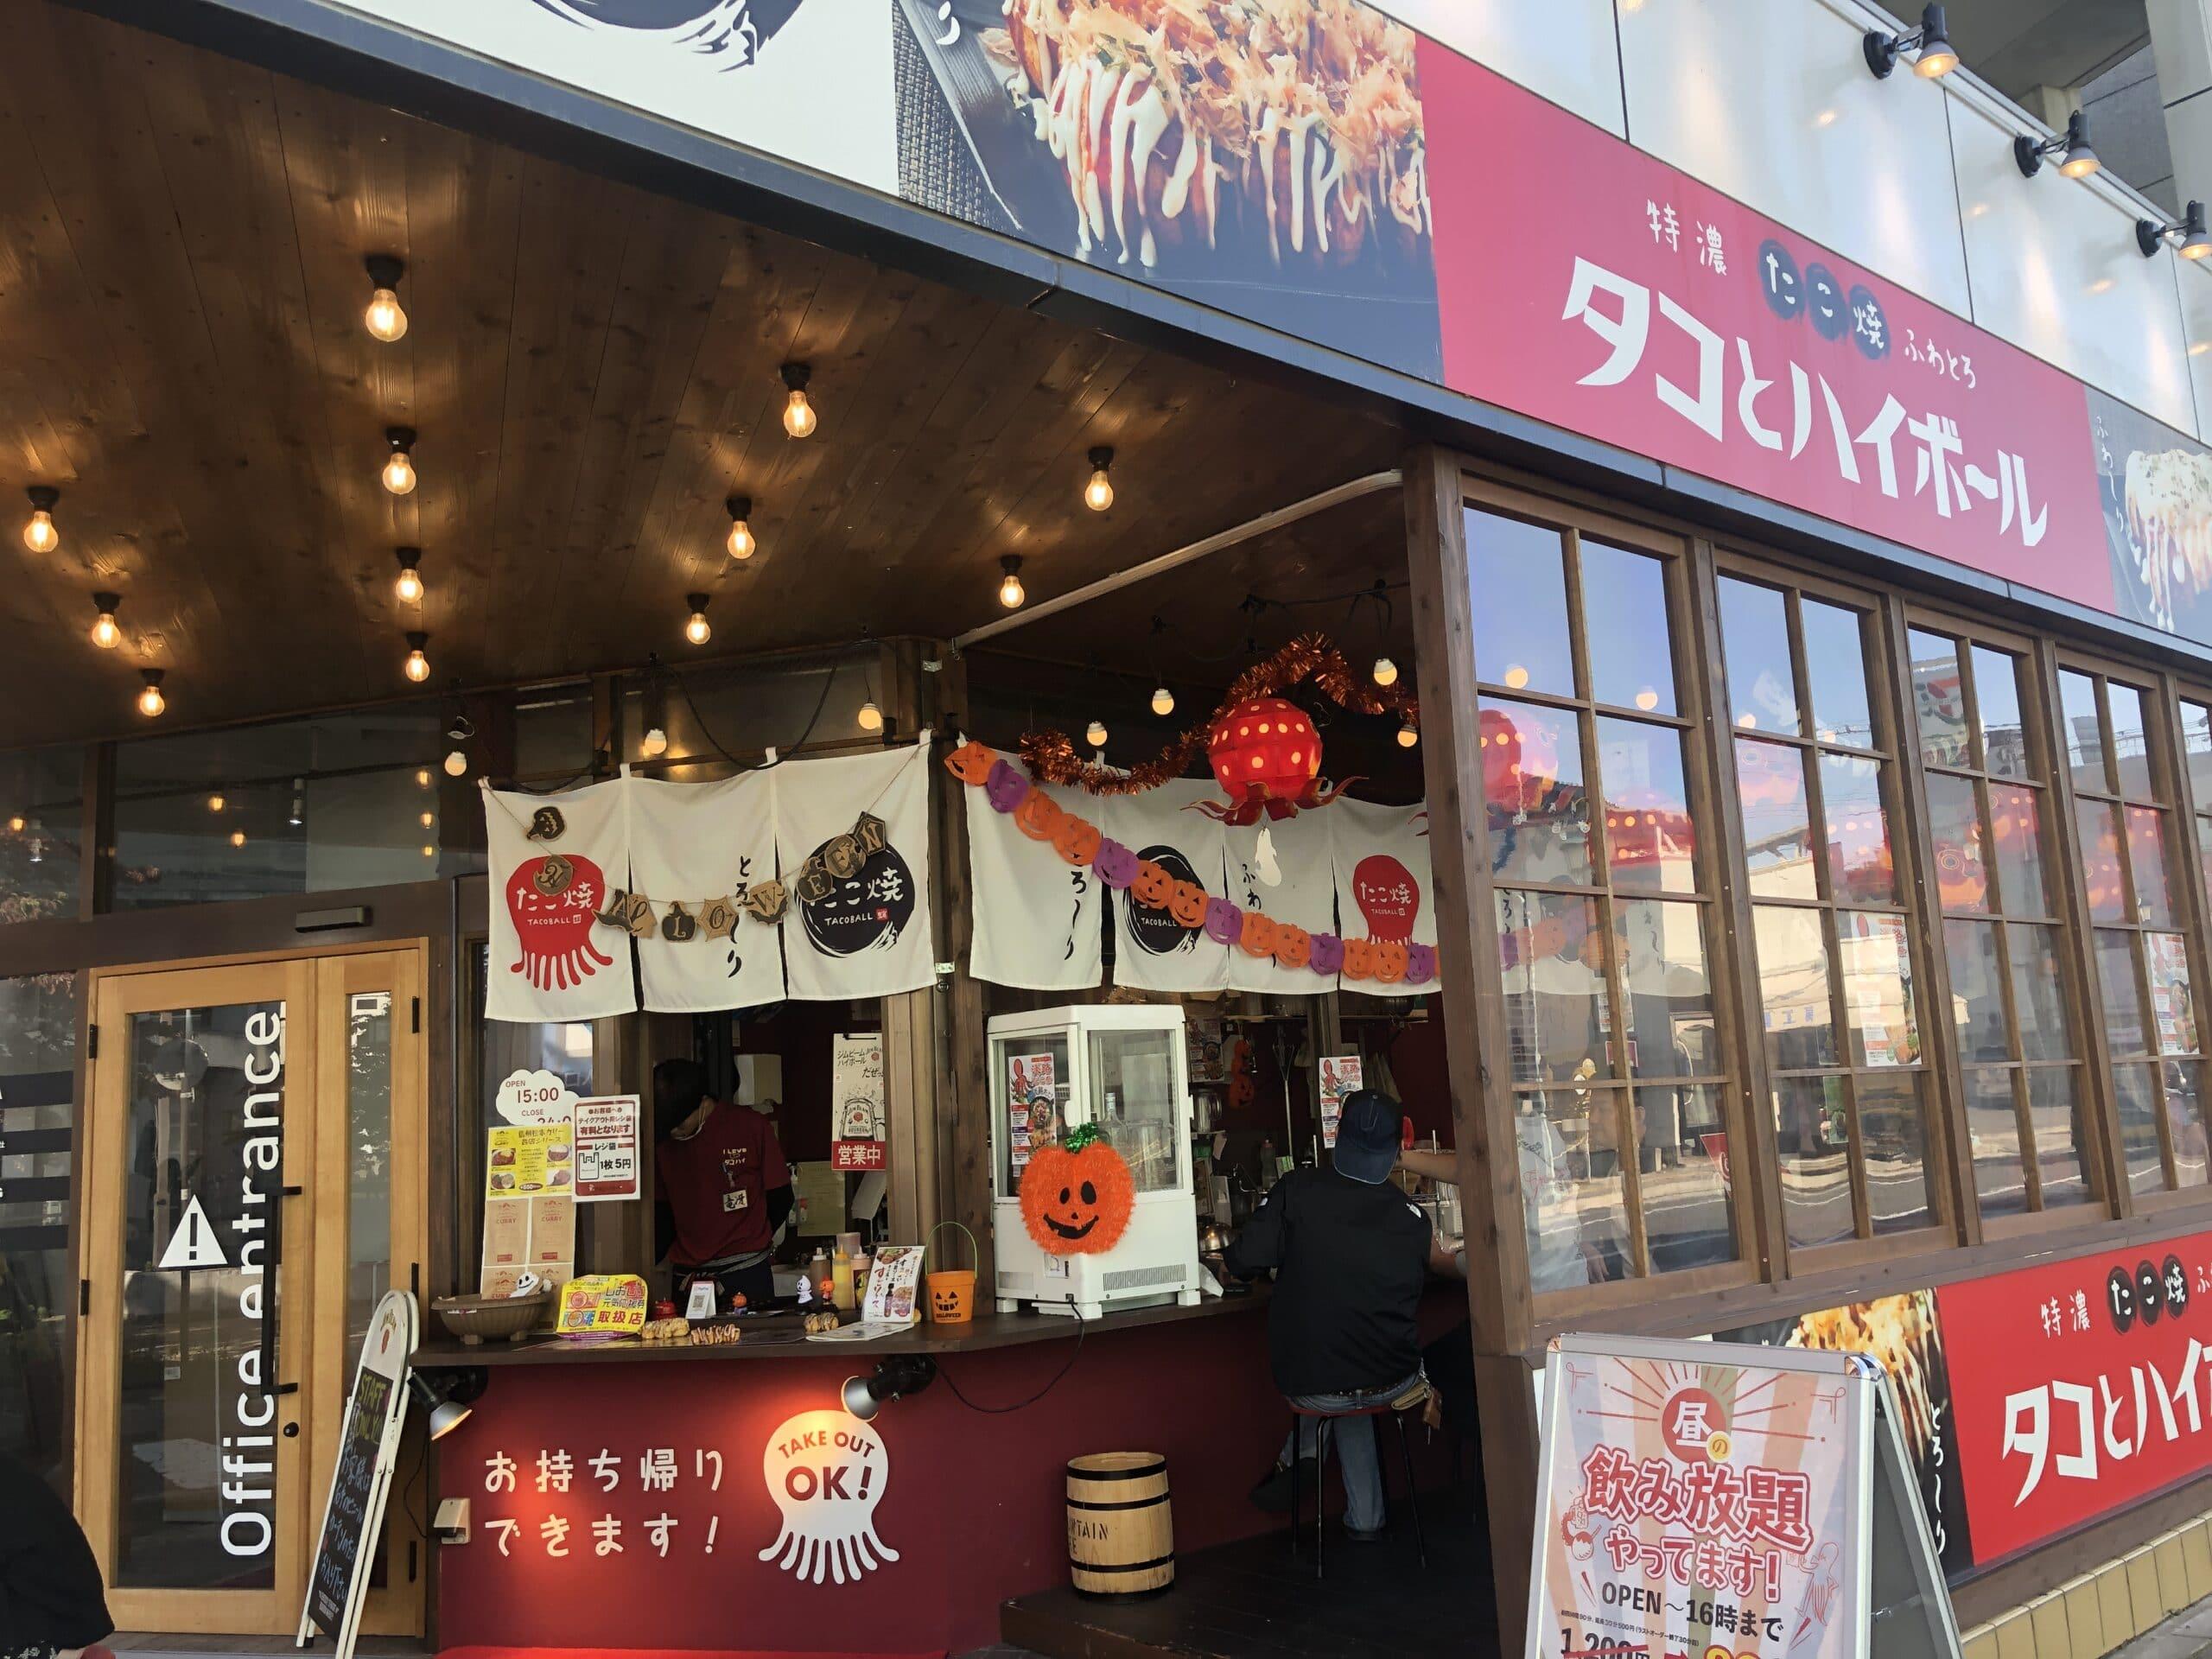 『タコとハイボール塩尻店』は駅前で昼飲みしたい人におすすめなんだぜ?